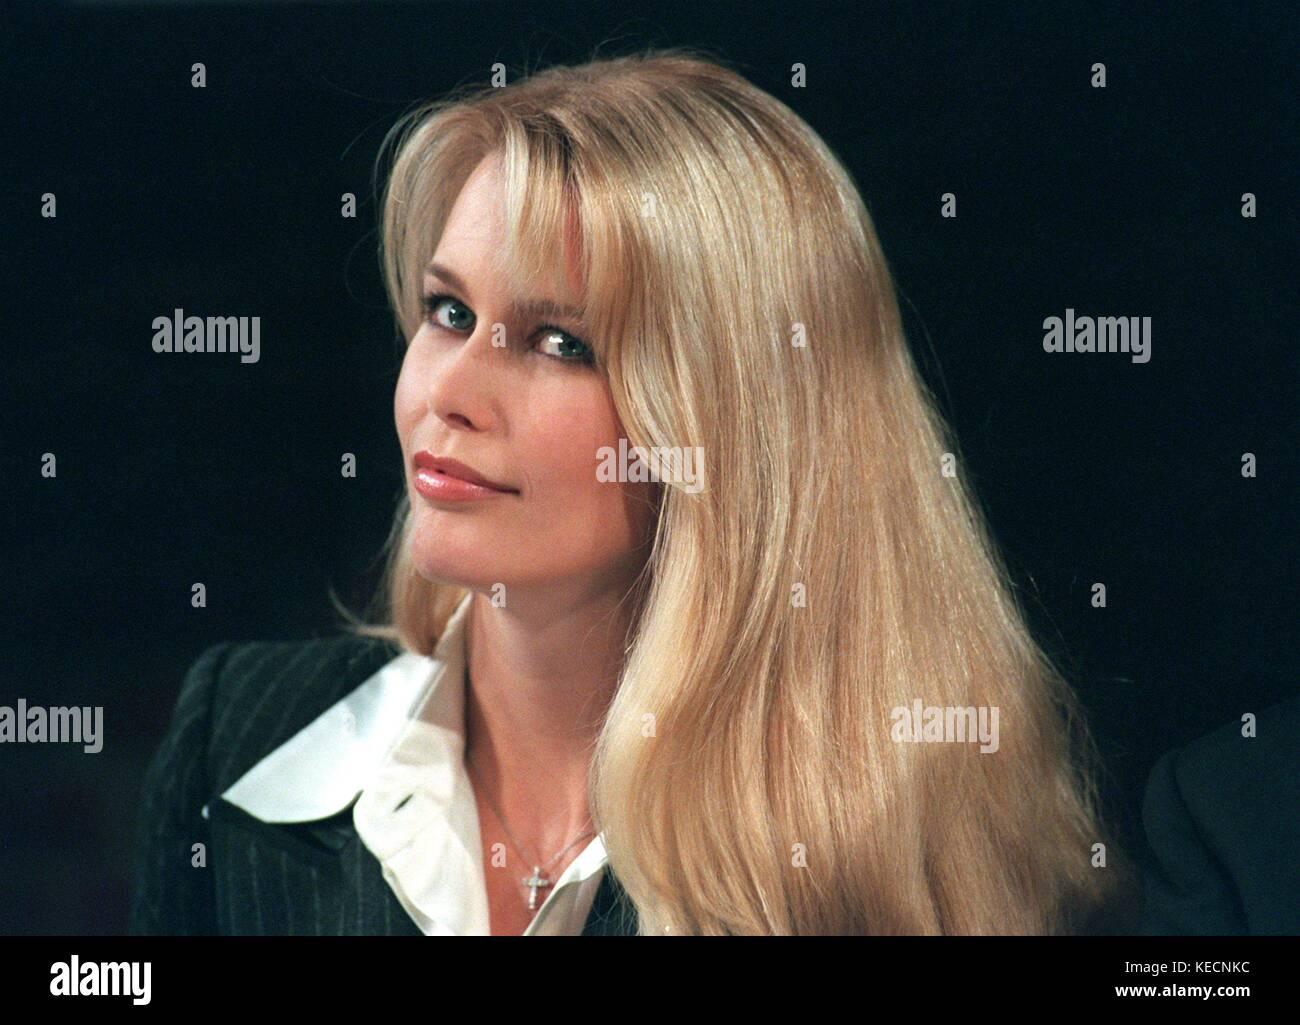 Linda Bove images